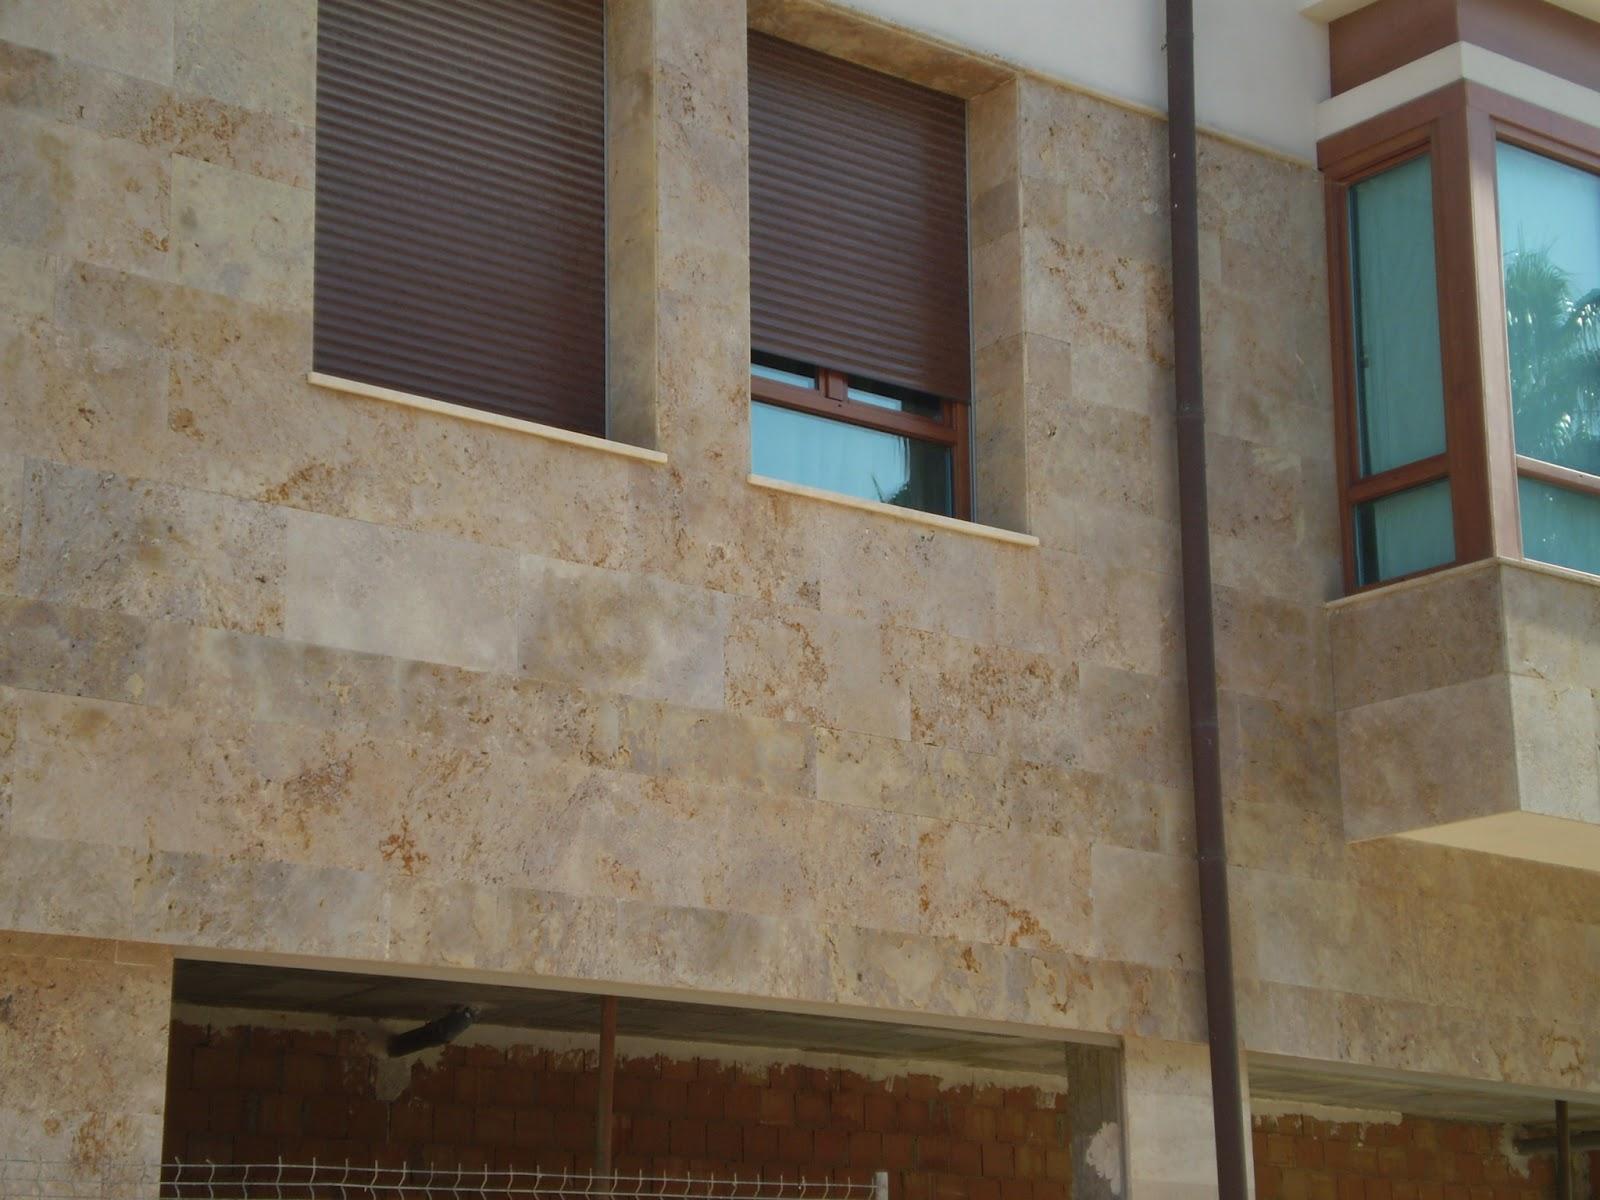 Piedra para todos opciones del travertino en fachada for Marmol travertino gris